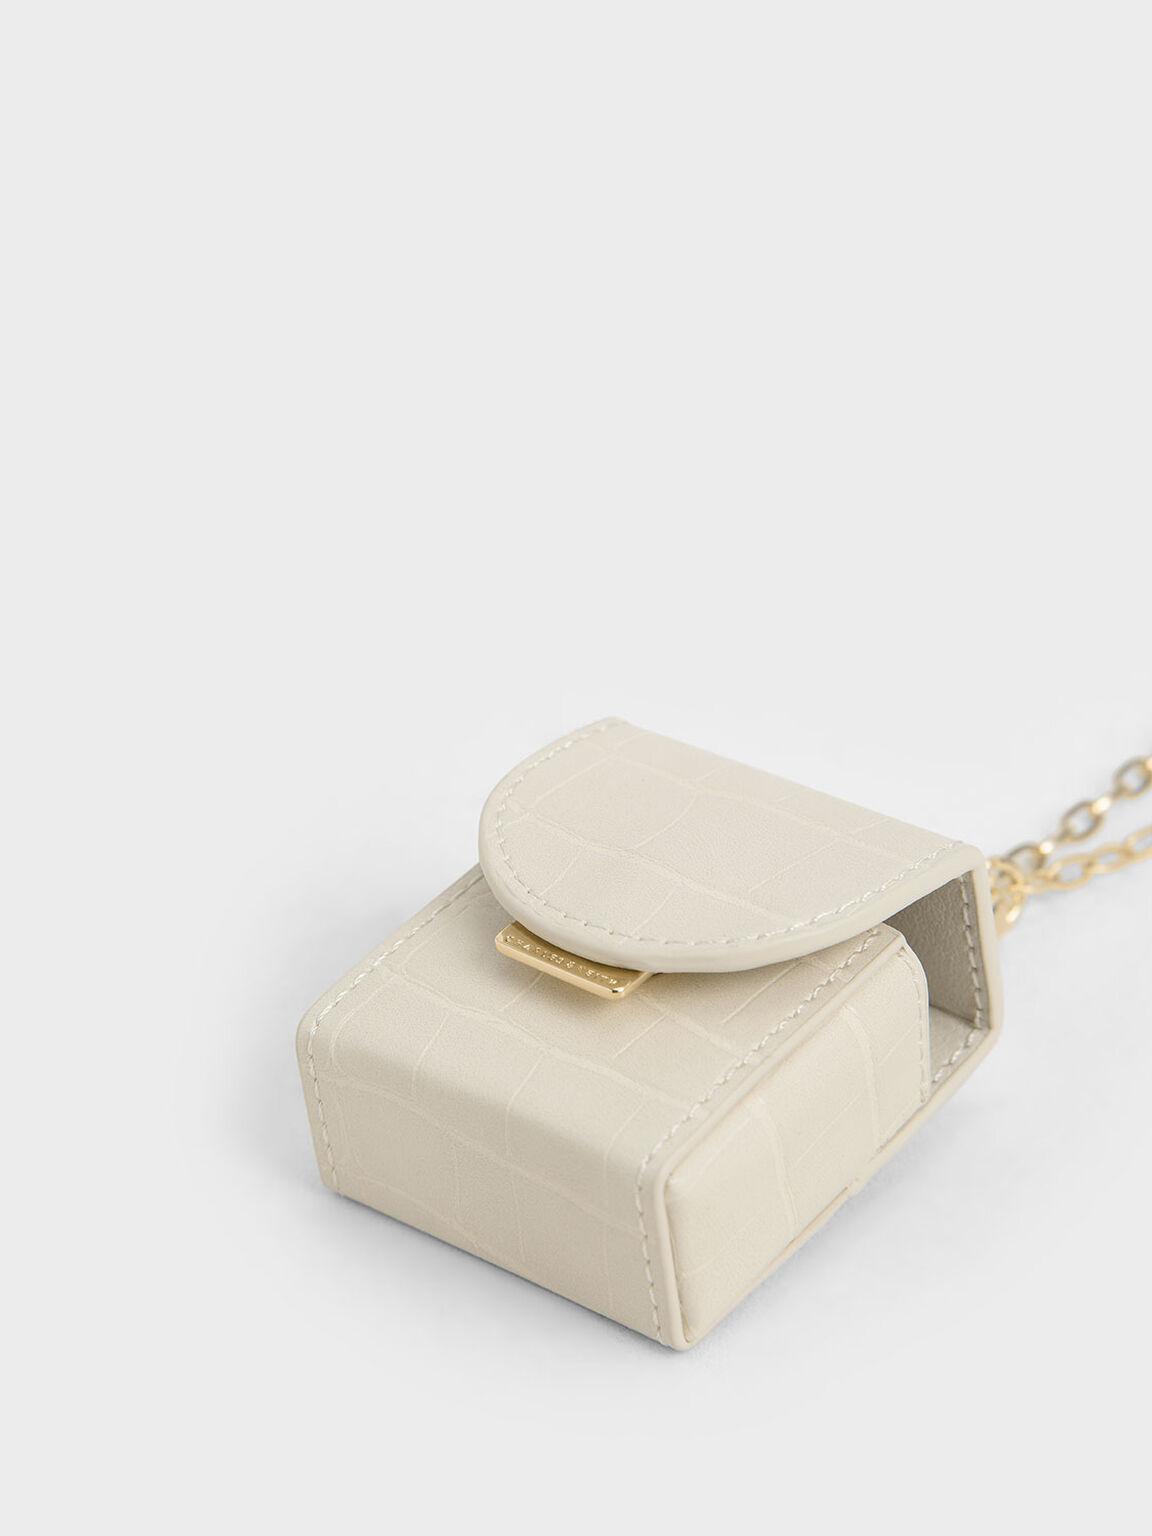 Croc-Effect Airpod Case Necklace, Beige, hi-res